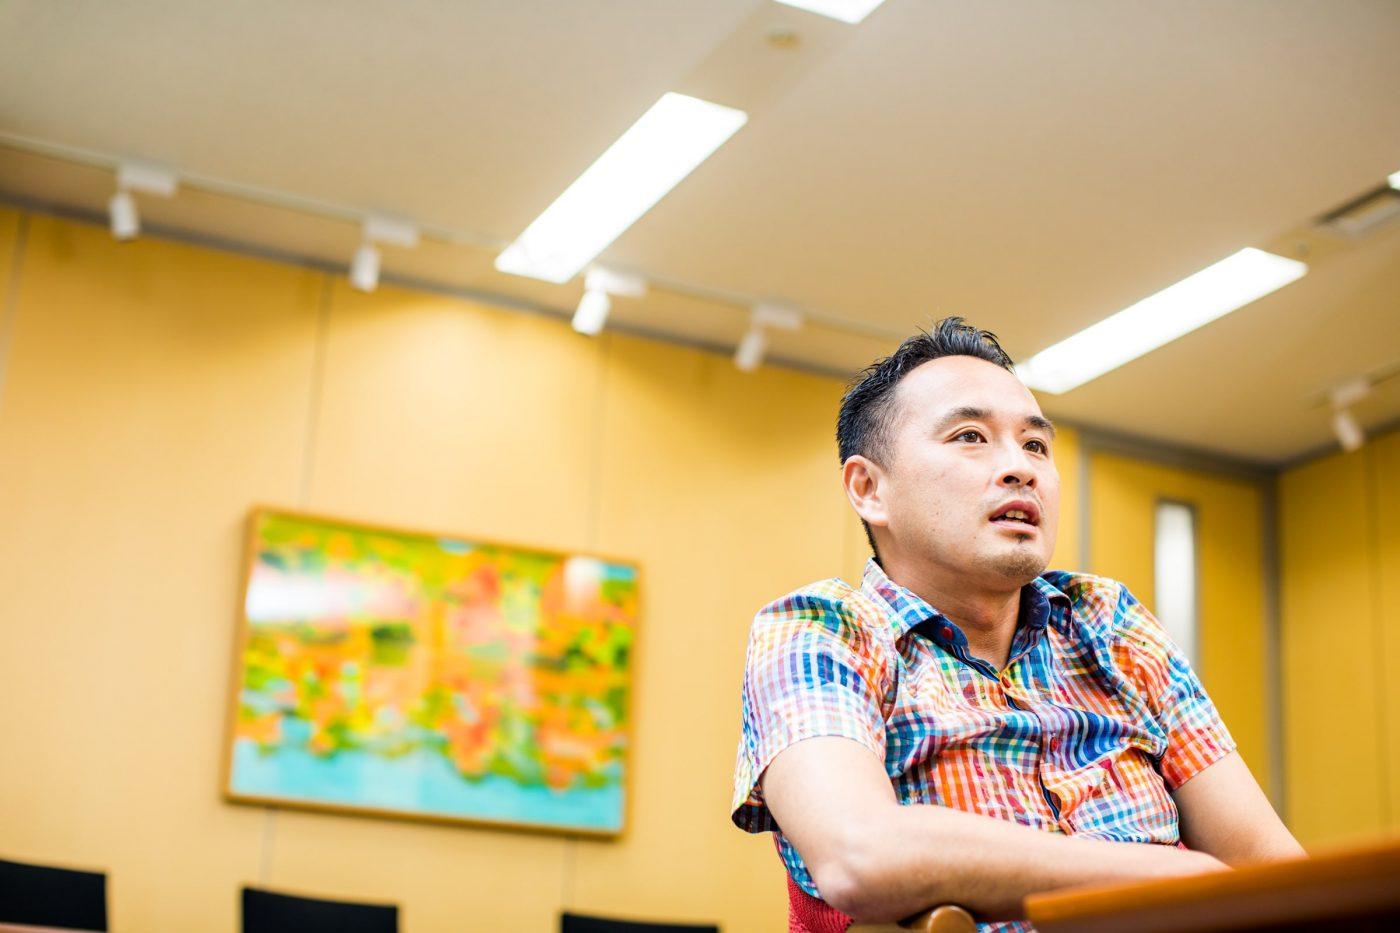 ー今野穣(いまの・みのる) 株式会社グロービス・キャピタル・パートナーズ 代表パートナー、最高執行責任者(COO)。2006年7月グロービス・キャピタル・パートナーズ入社、2012年7月同社パートナー就任。2013年1月より同社ジェネラルパートナーおよび最高執行責任者(COO)就任。主な投資担当先に、ライフネット生命保険、ブイキューブ、みんなのウェディング、Quipper、Bplats、アカツキ、スマートニュース、ビズリーチ、Yappli、Akippa、READYFORなどがある。GCP入社以前は、経営コンサルティング会社にて、プロジェクトマネジャーとして、中期経営計画策定・PMI(Post Merger Integration)・営業オペレーション改革などのコンサルティング業務に従事。東京大学法学部卒。